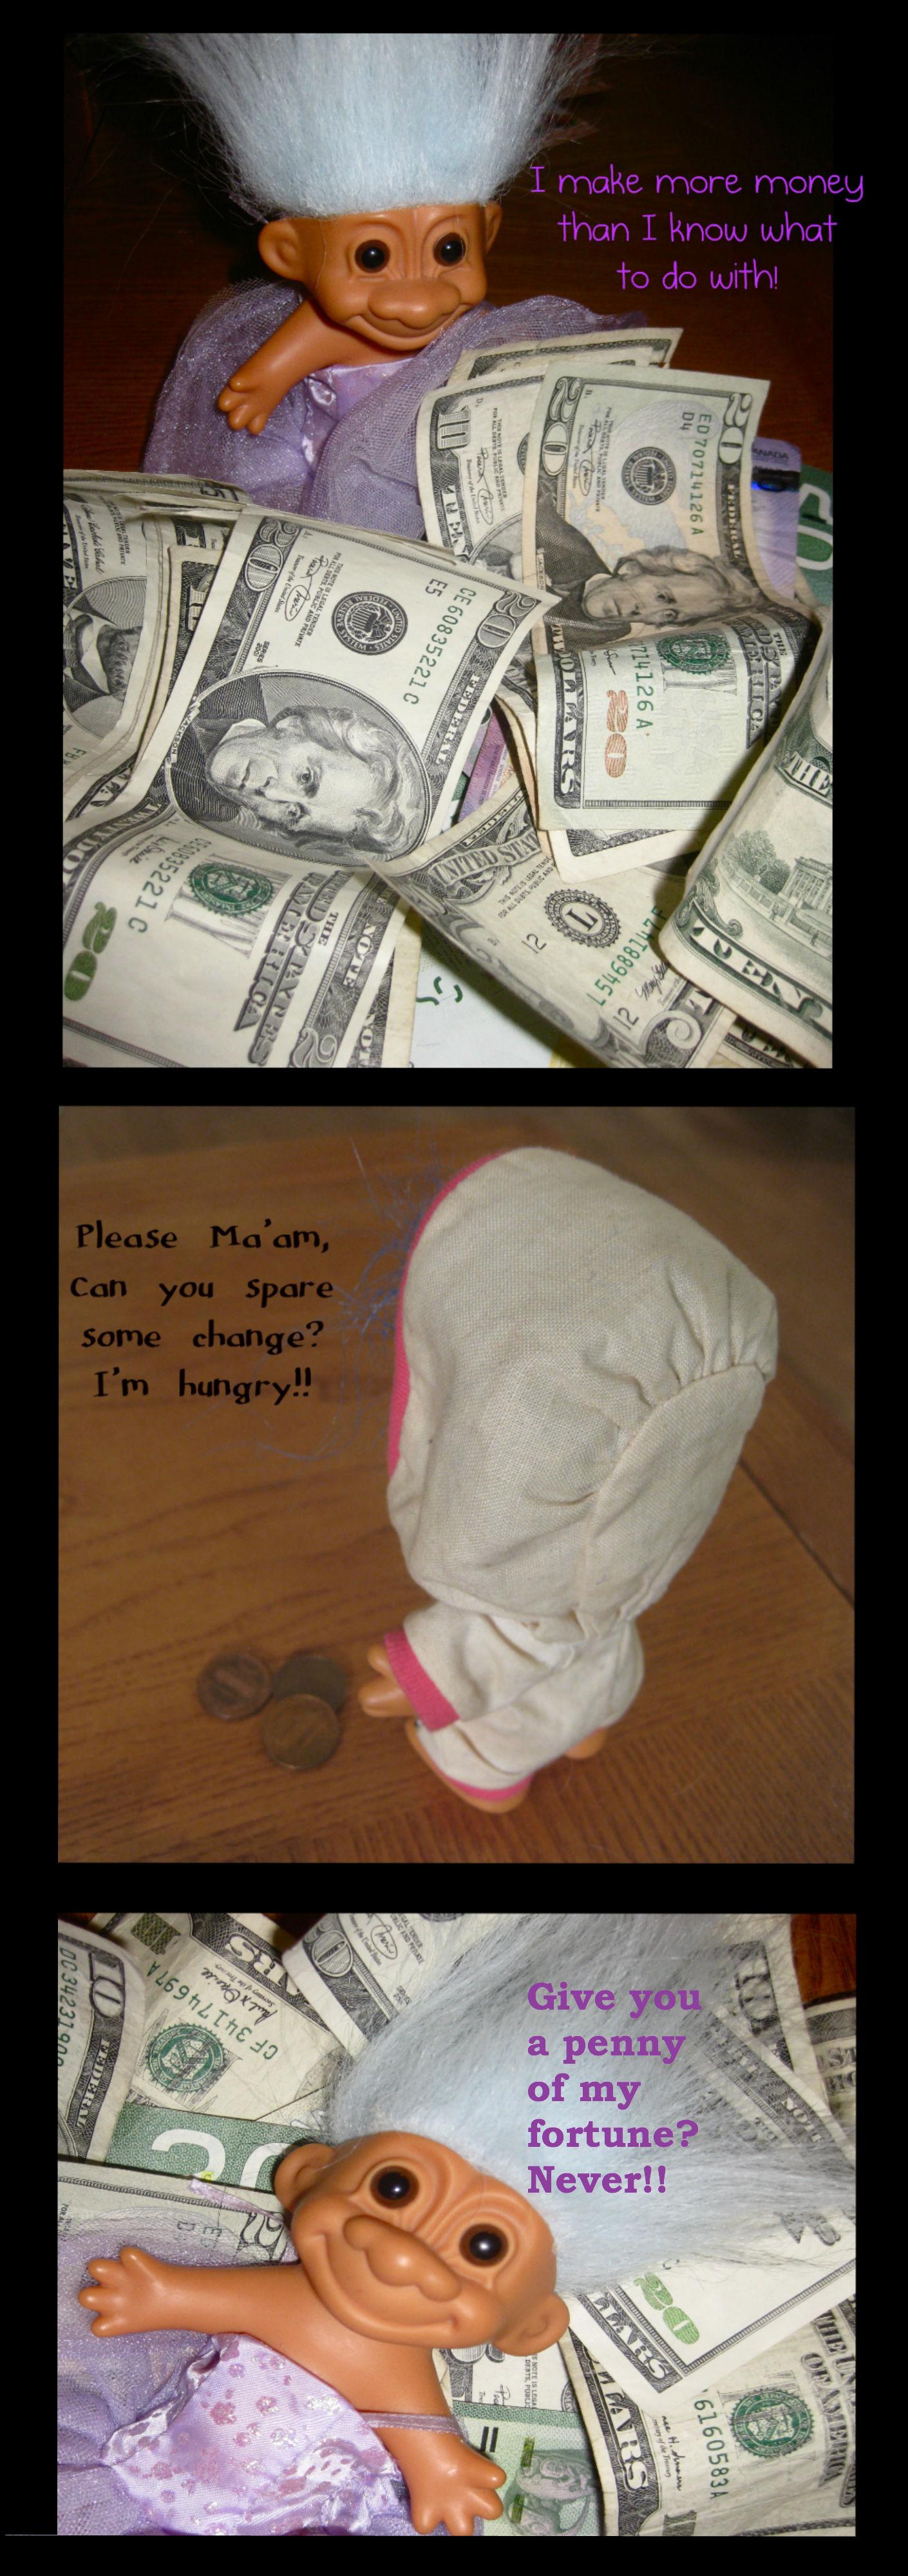 greedy troll